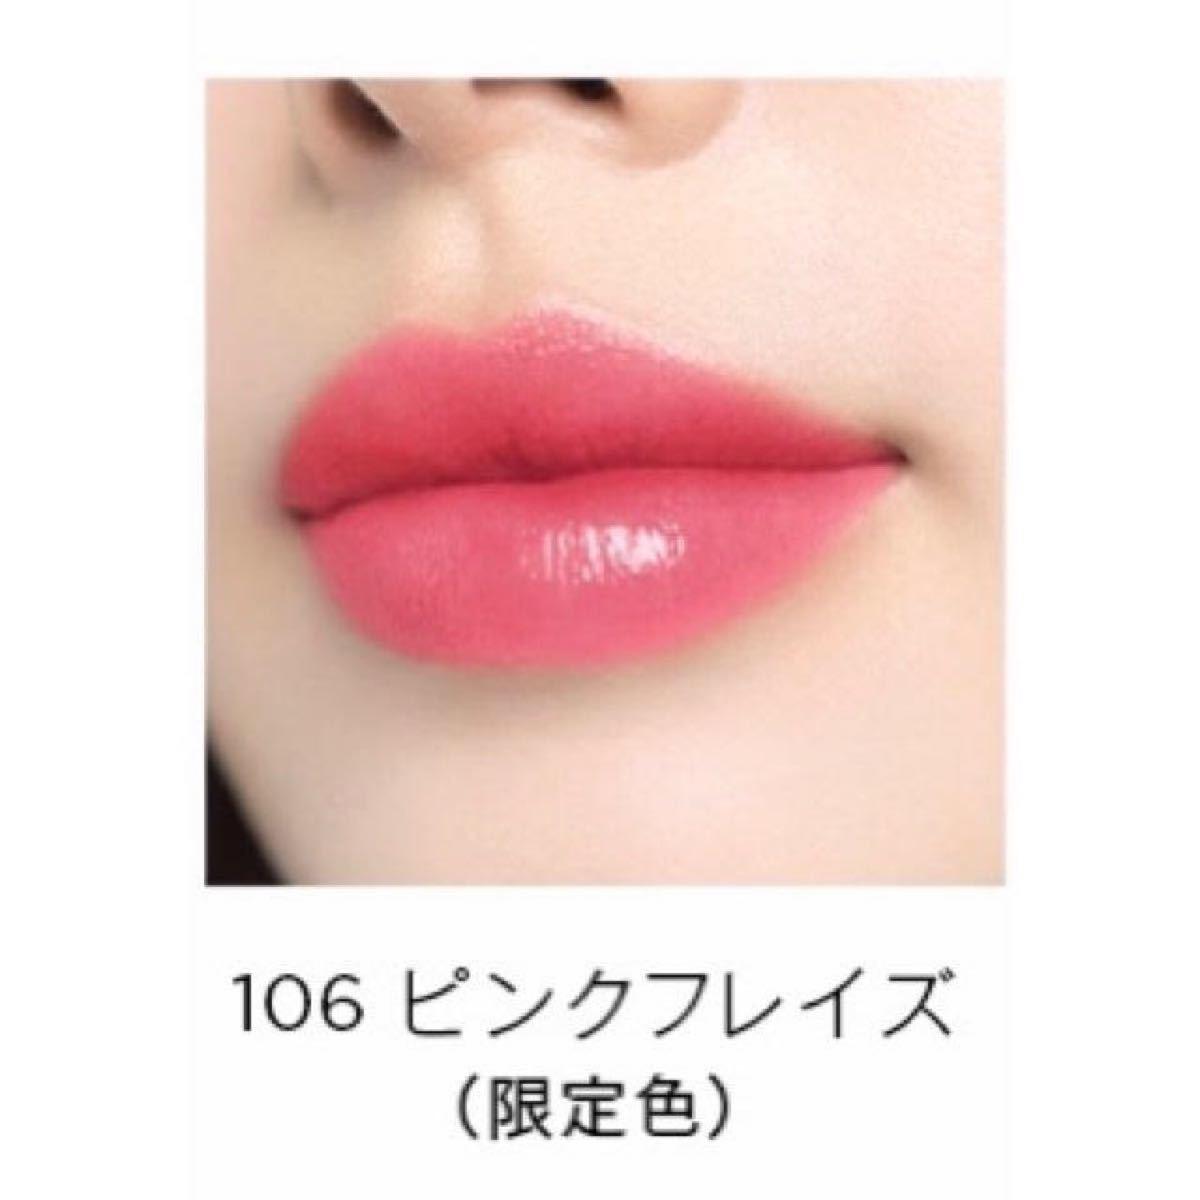 【新品・限定色】◆OPERA オペラ◆リップティントN◆106 ピンクフレイズ